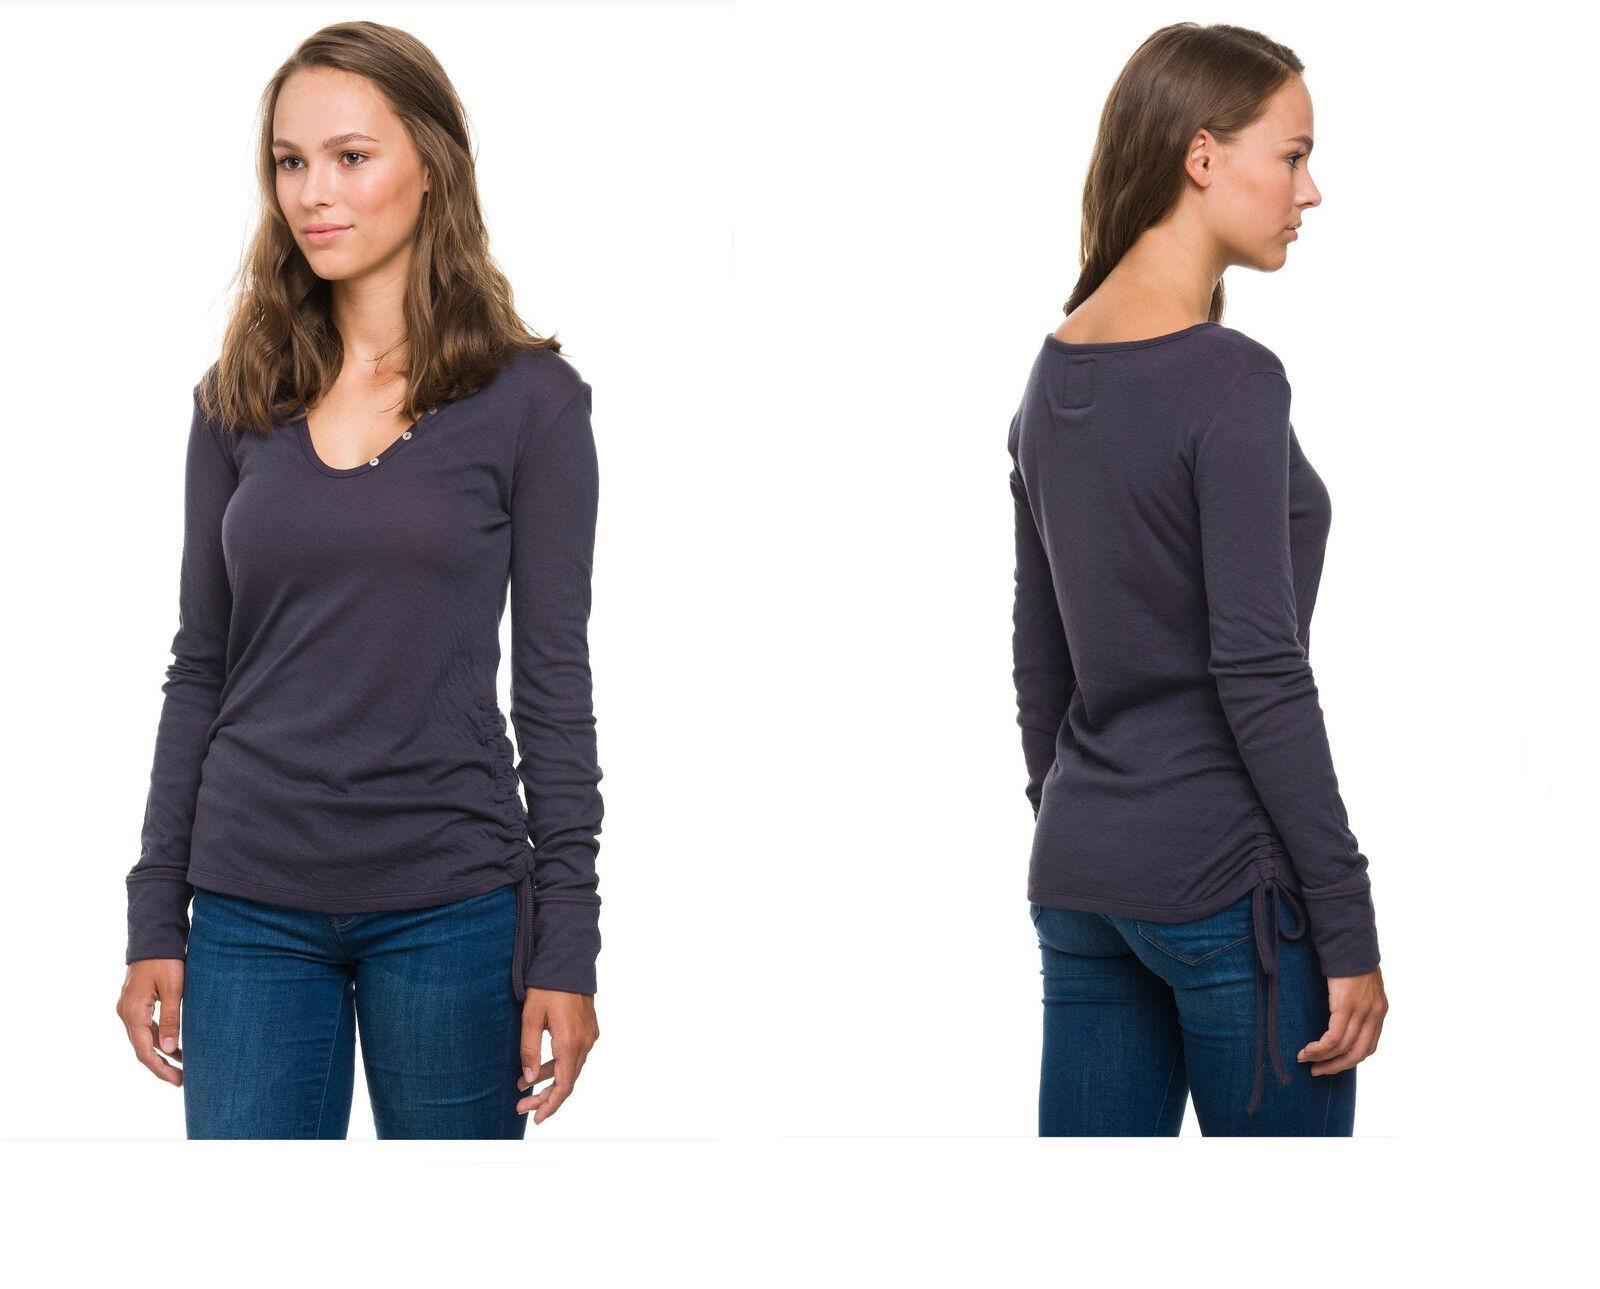 Evermind Damen Oberteil T-shirt Bio-Baumwolle Sweatshirt Sweatshirt Sweatshirt Top Langarm Pullover    Passend In Der Farbe    Starker Wert    Verschiedene Waren    Elegante Form    Neuankömmling  f39f6f